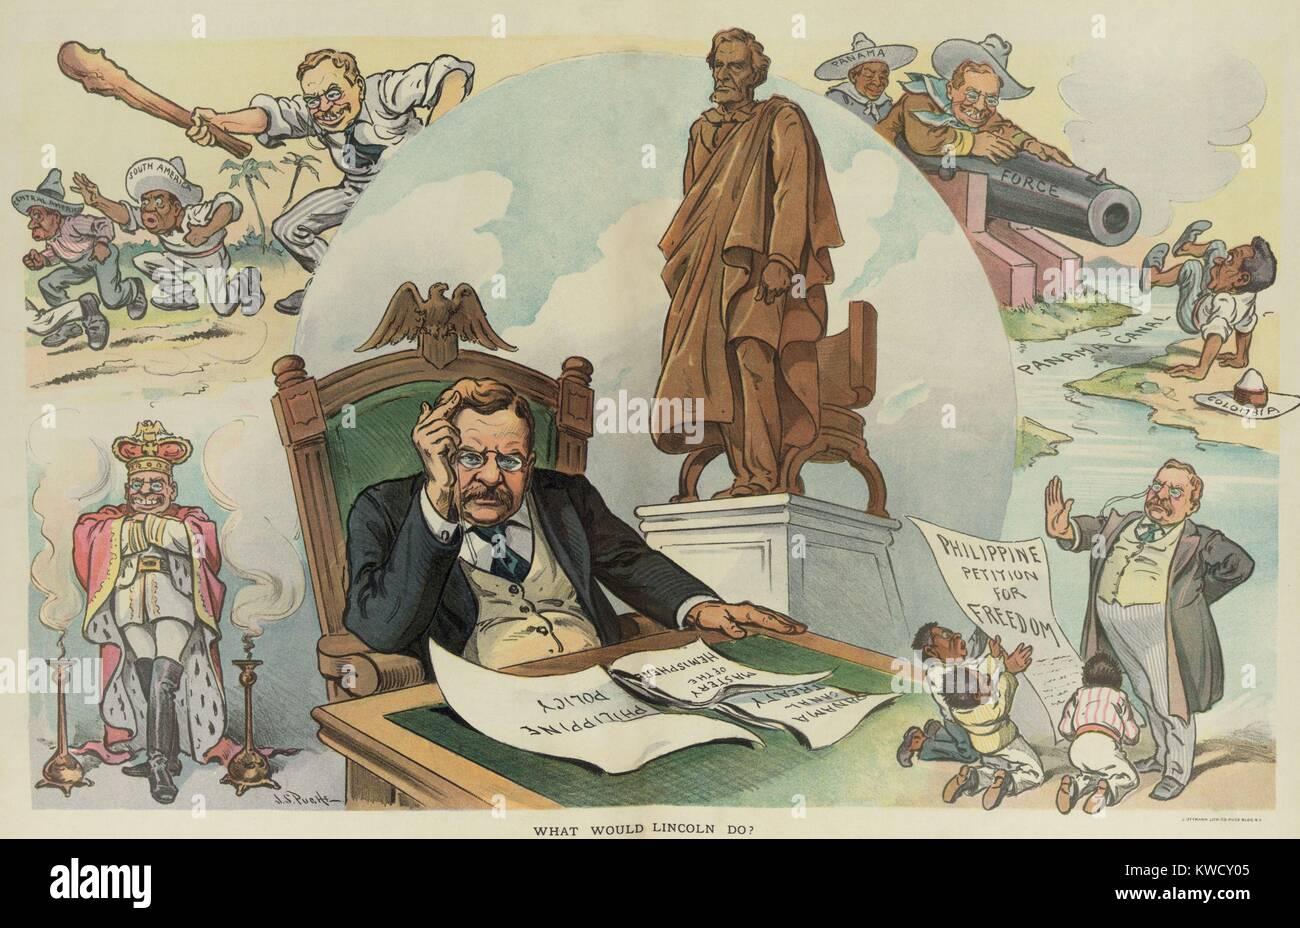 Lo que Lincoln? PUCK Magazine cartoon de 28 de septiembre de 1905. Año Electoral cartoon político crítico de TRs Foto de stock